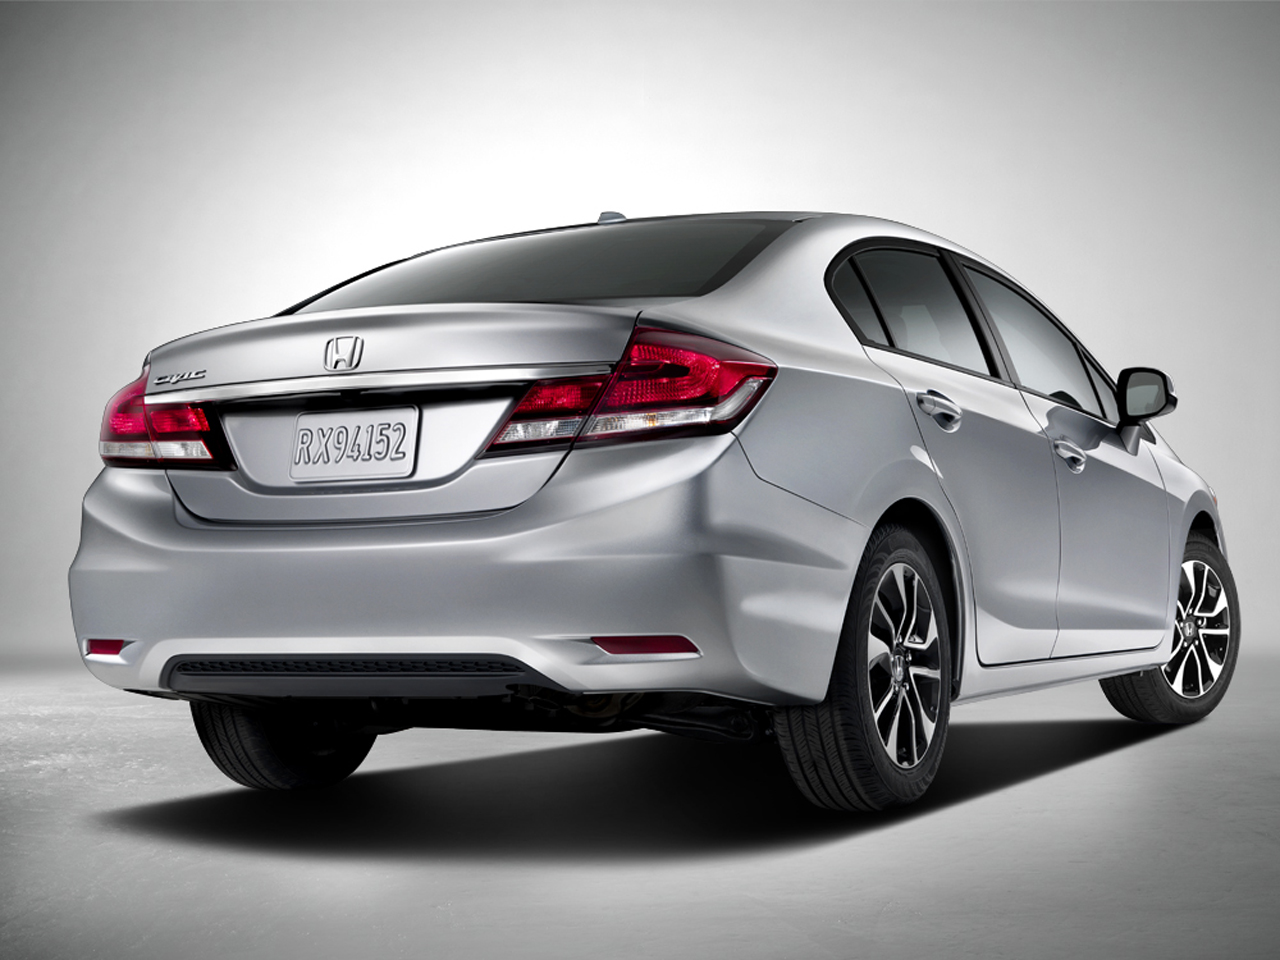 صور و فئات و اسعار هوندا سيفيك Honda Civic 2013 المرسال